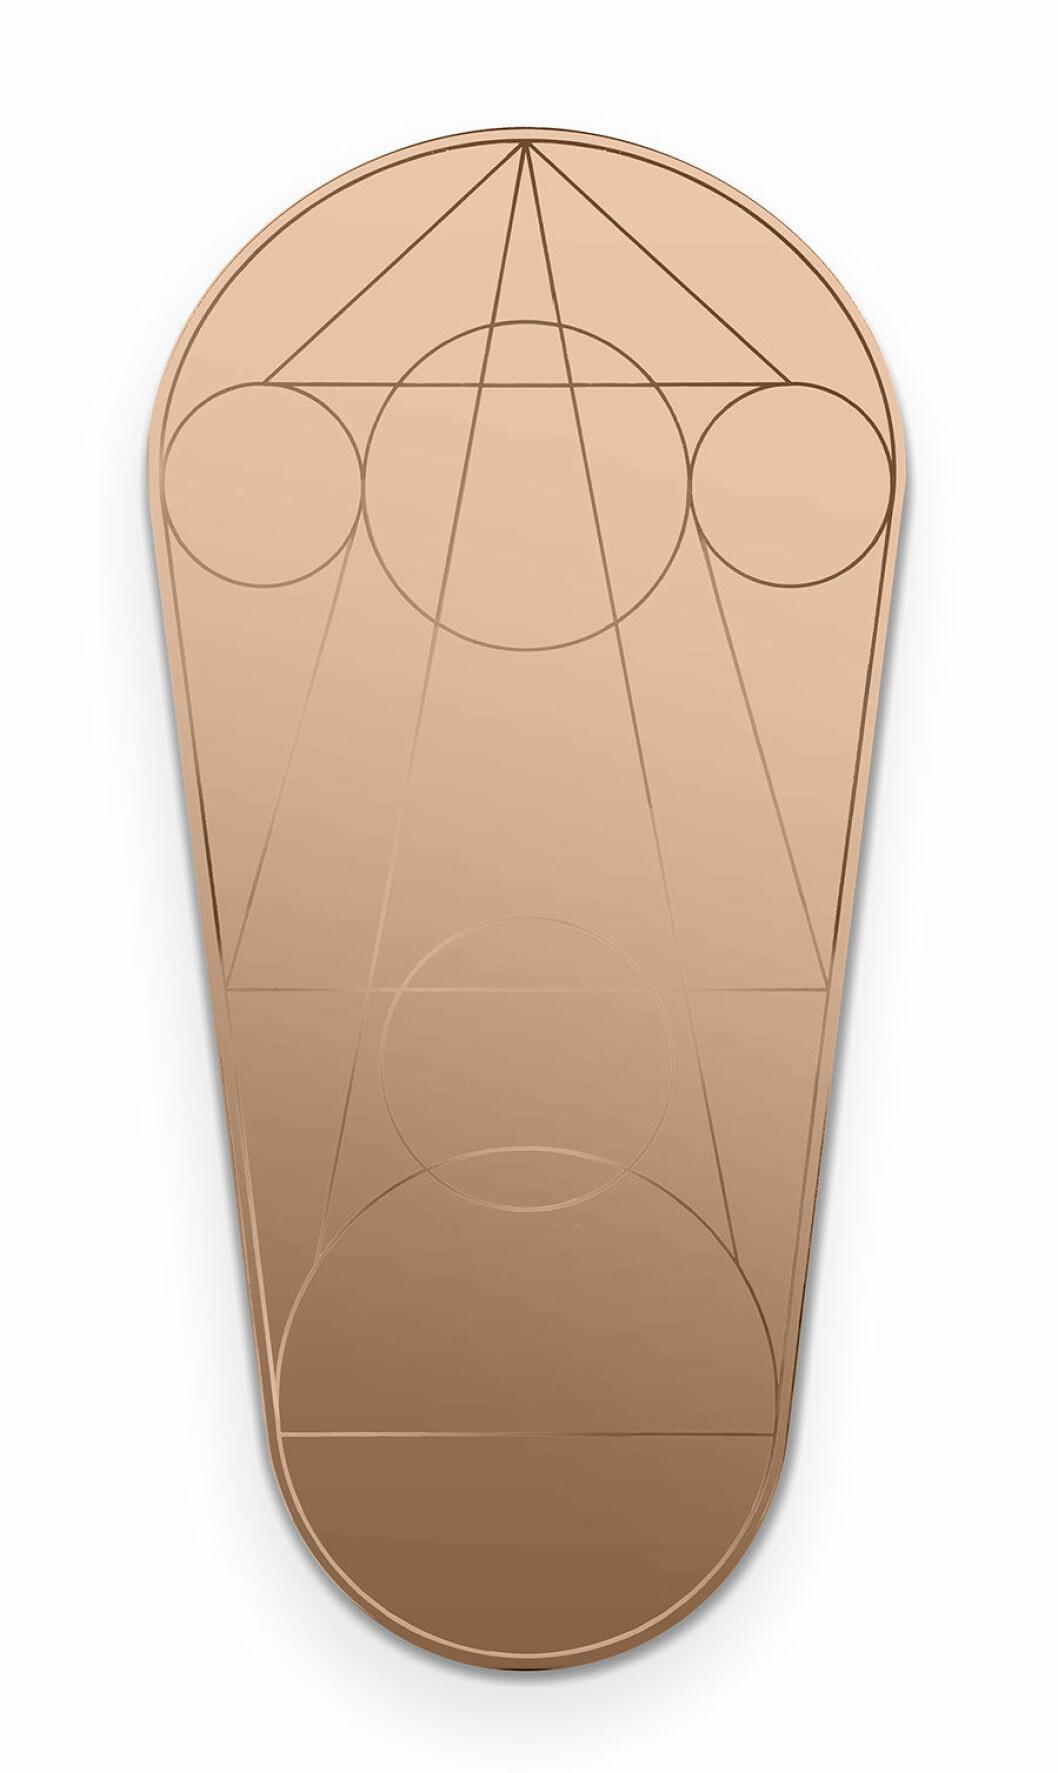 Spegel med geometriska mönster.